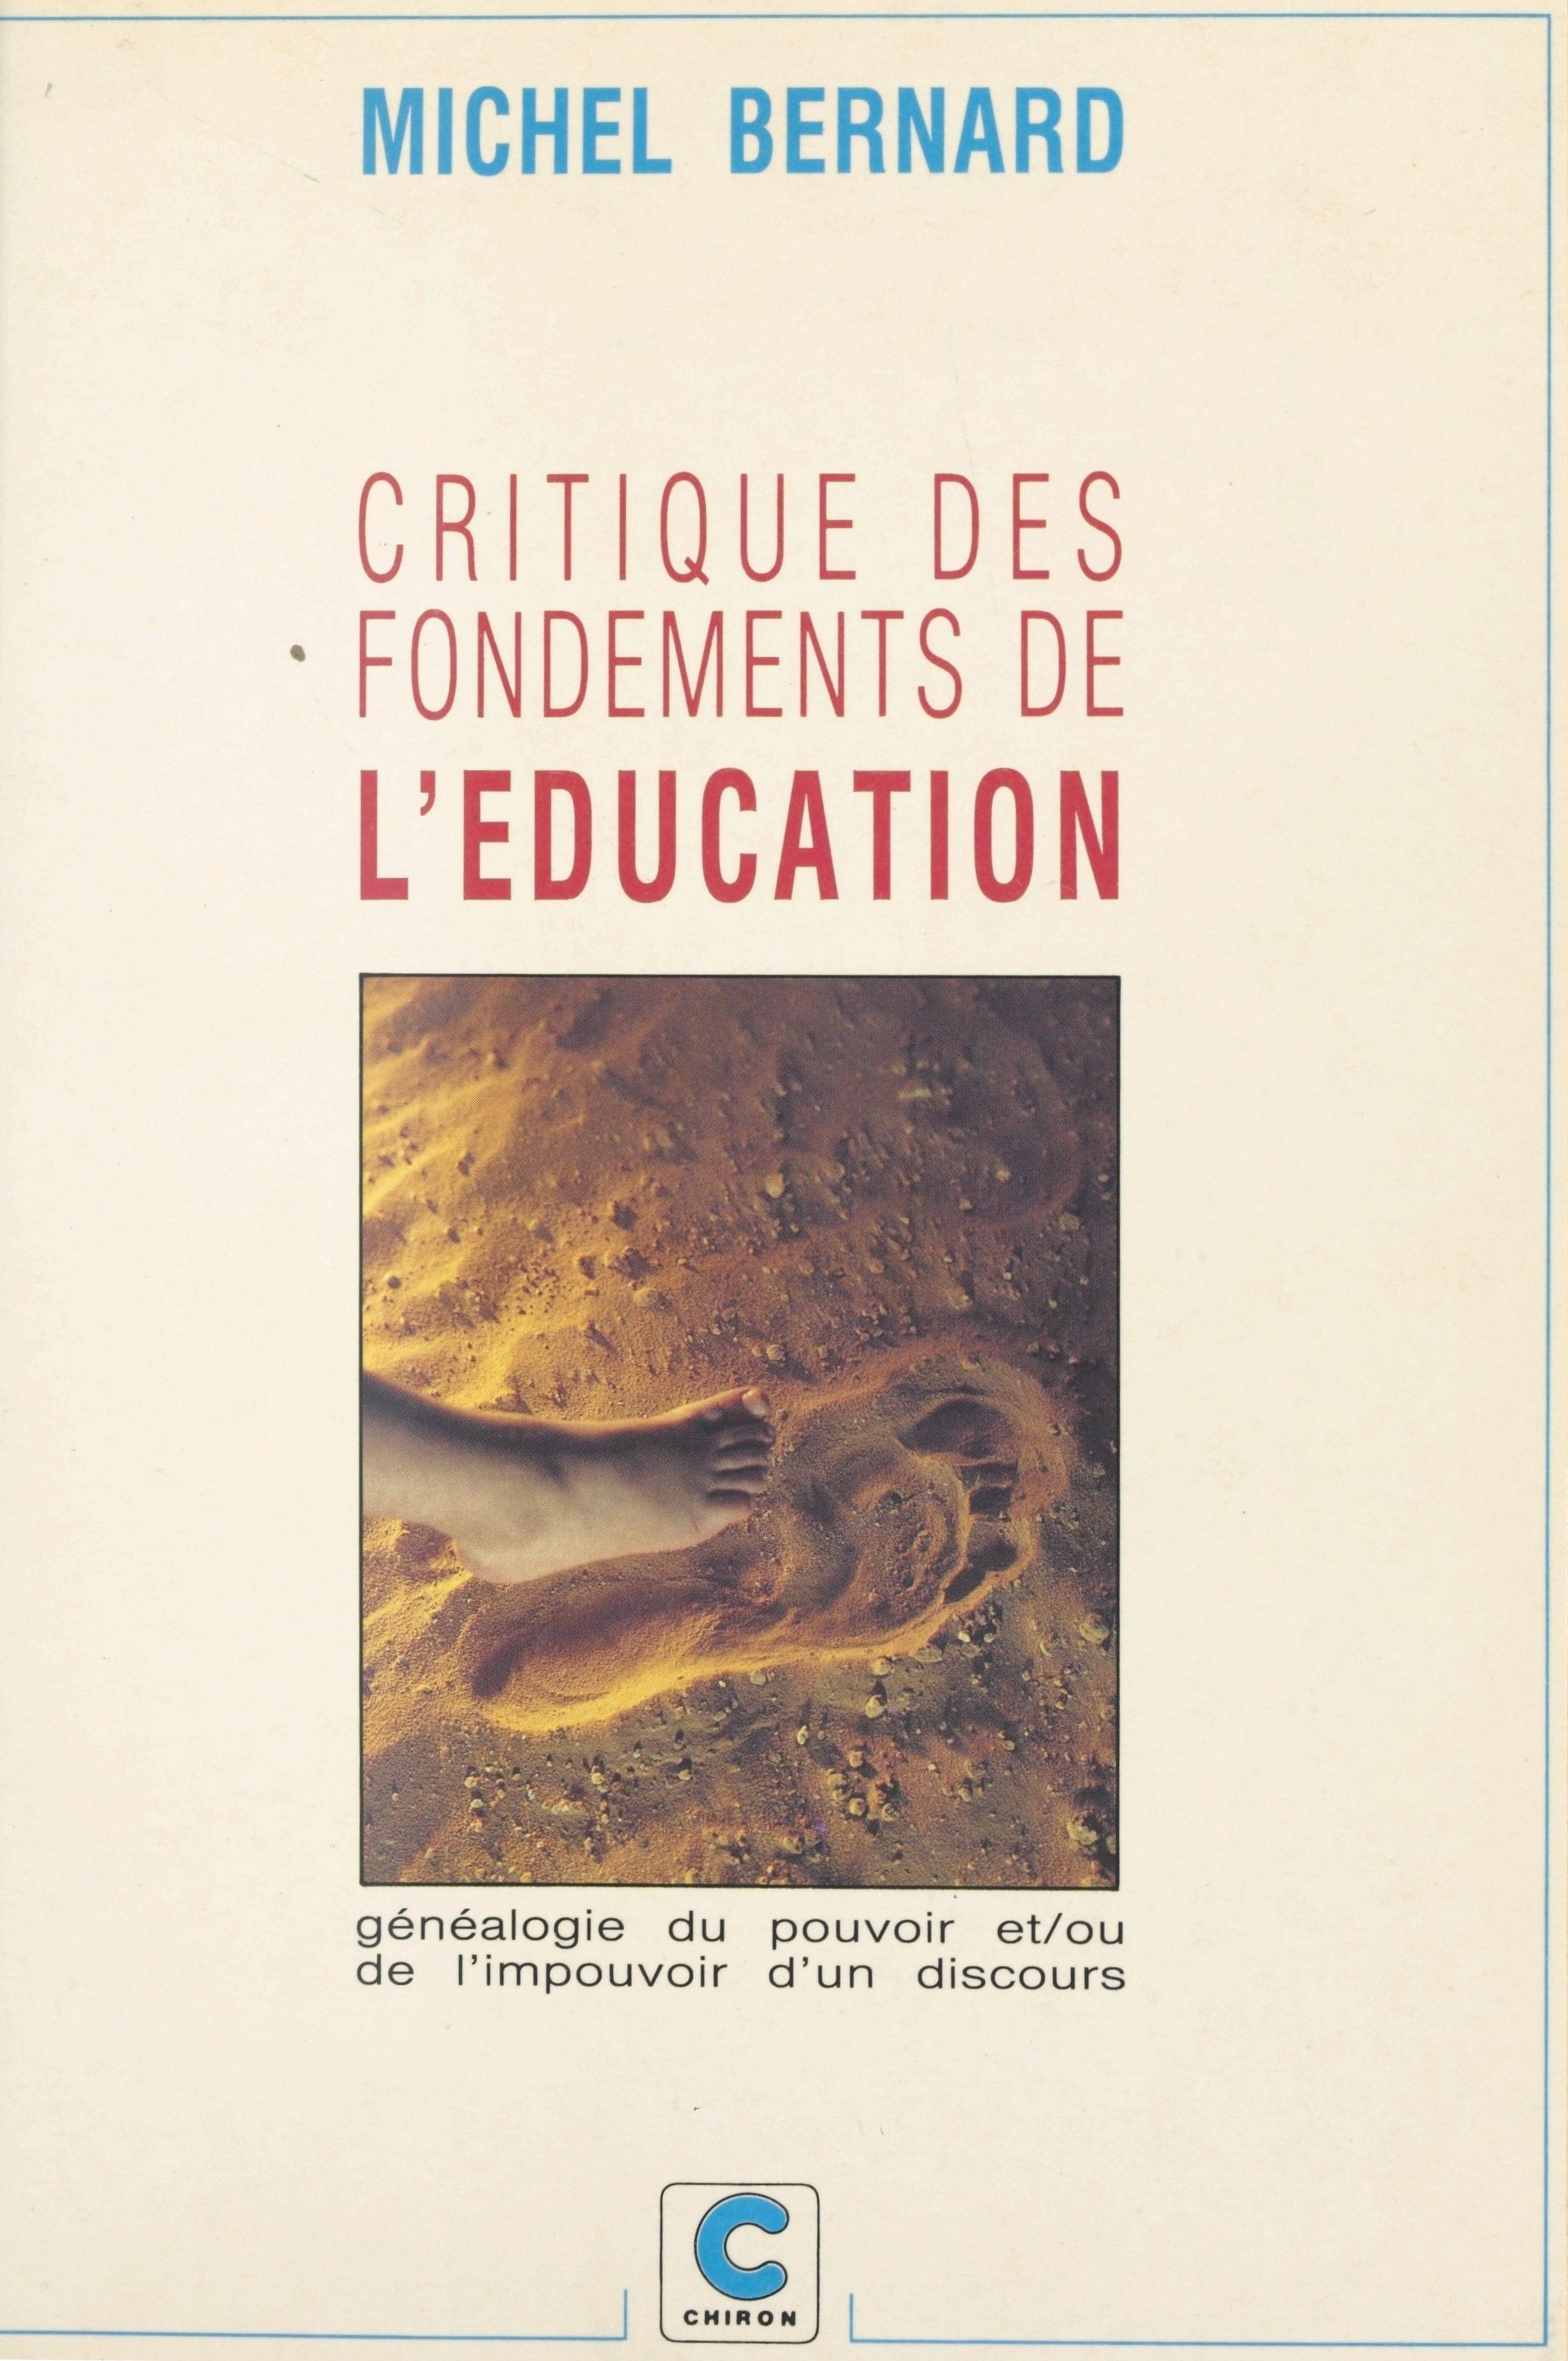 Critique des fondements de l'éducation ou Généalogie du pouvoir et-ou de l'impouvoir d'un discours